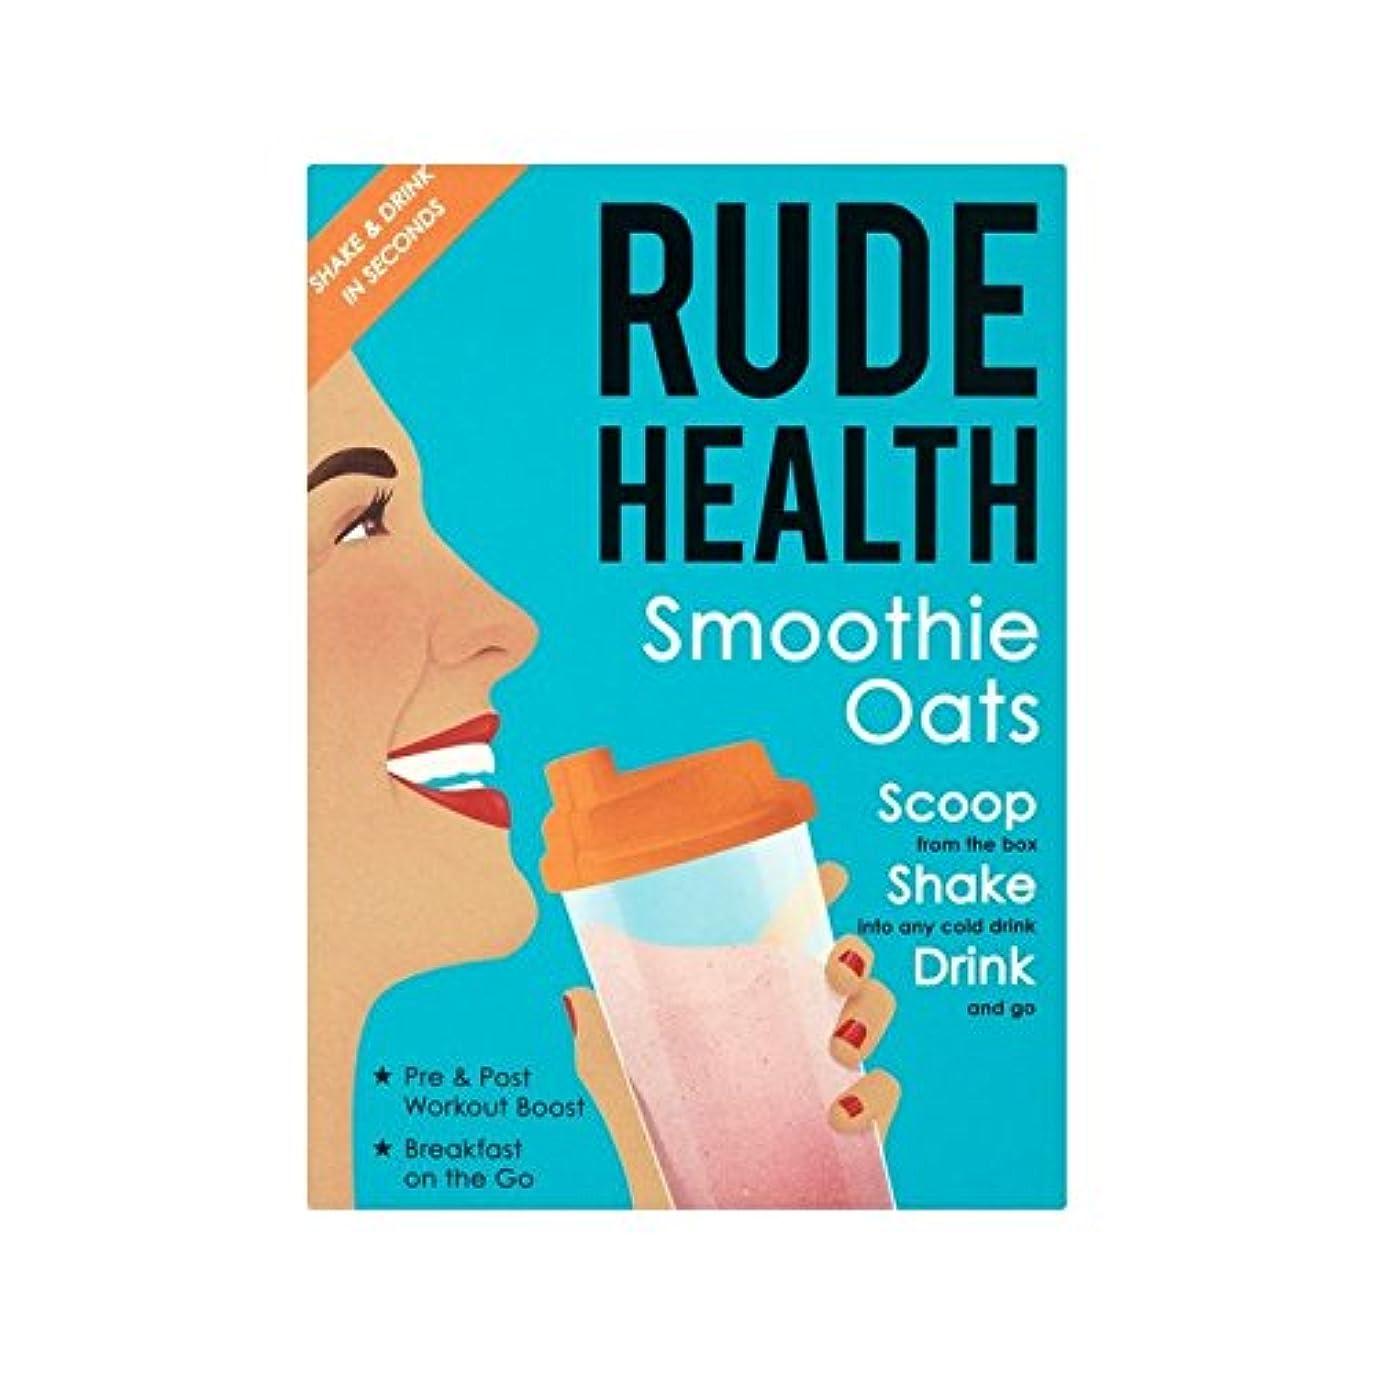 減る祖父母を訪問何かスムージーオート麦250グラム (Rude Health) (x 4) - Rude Health Smoothie Oats 250g (Pack of 4) [並行輸入品]